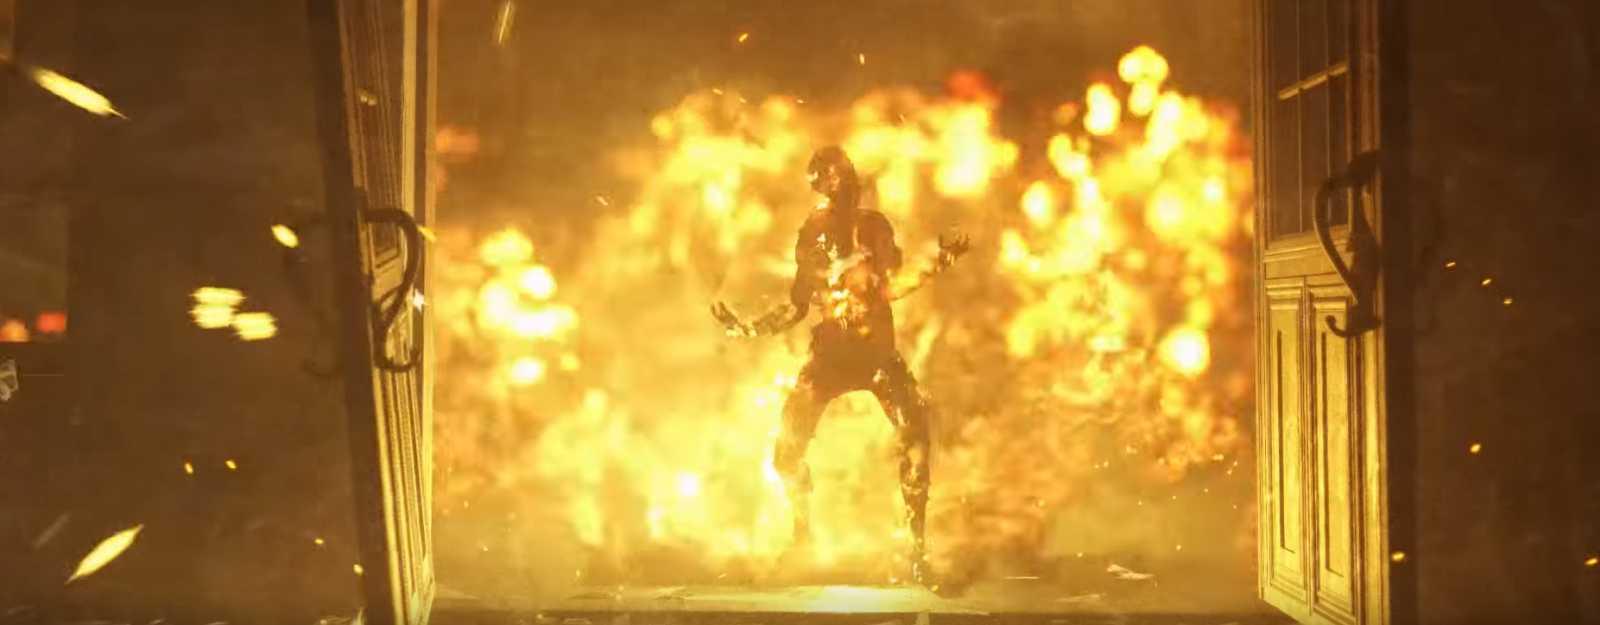 Das neue Monster in Hunt: Showdown brennt, schreit und ist einfach irre